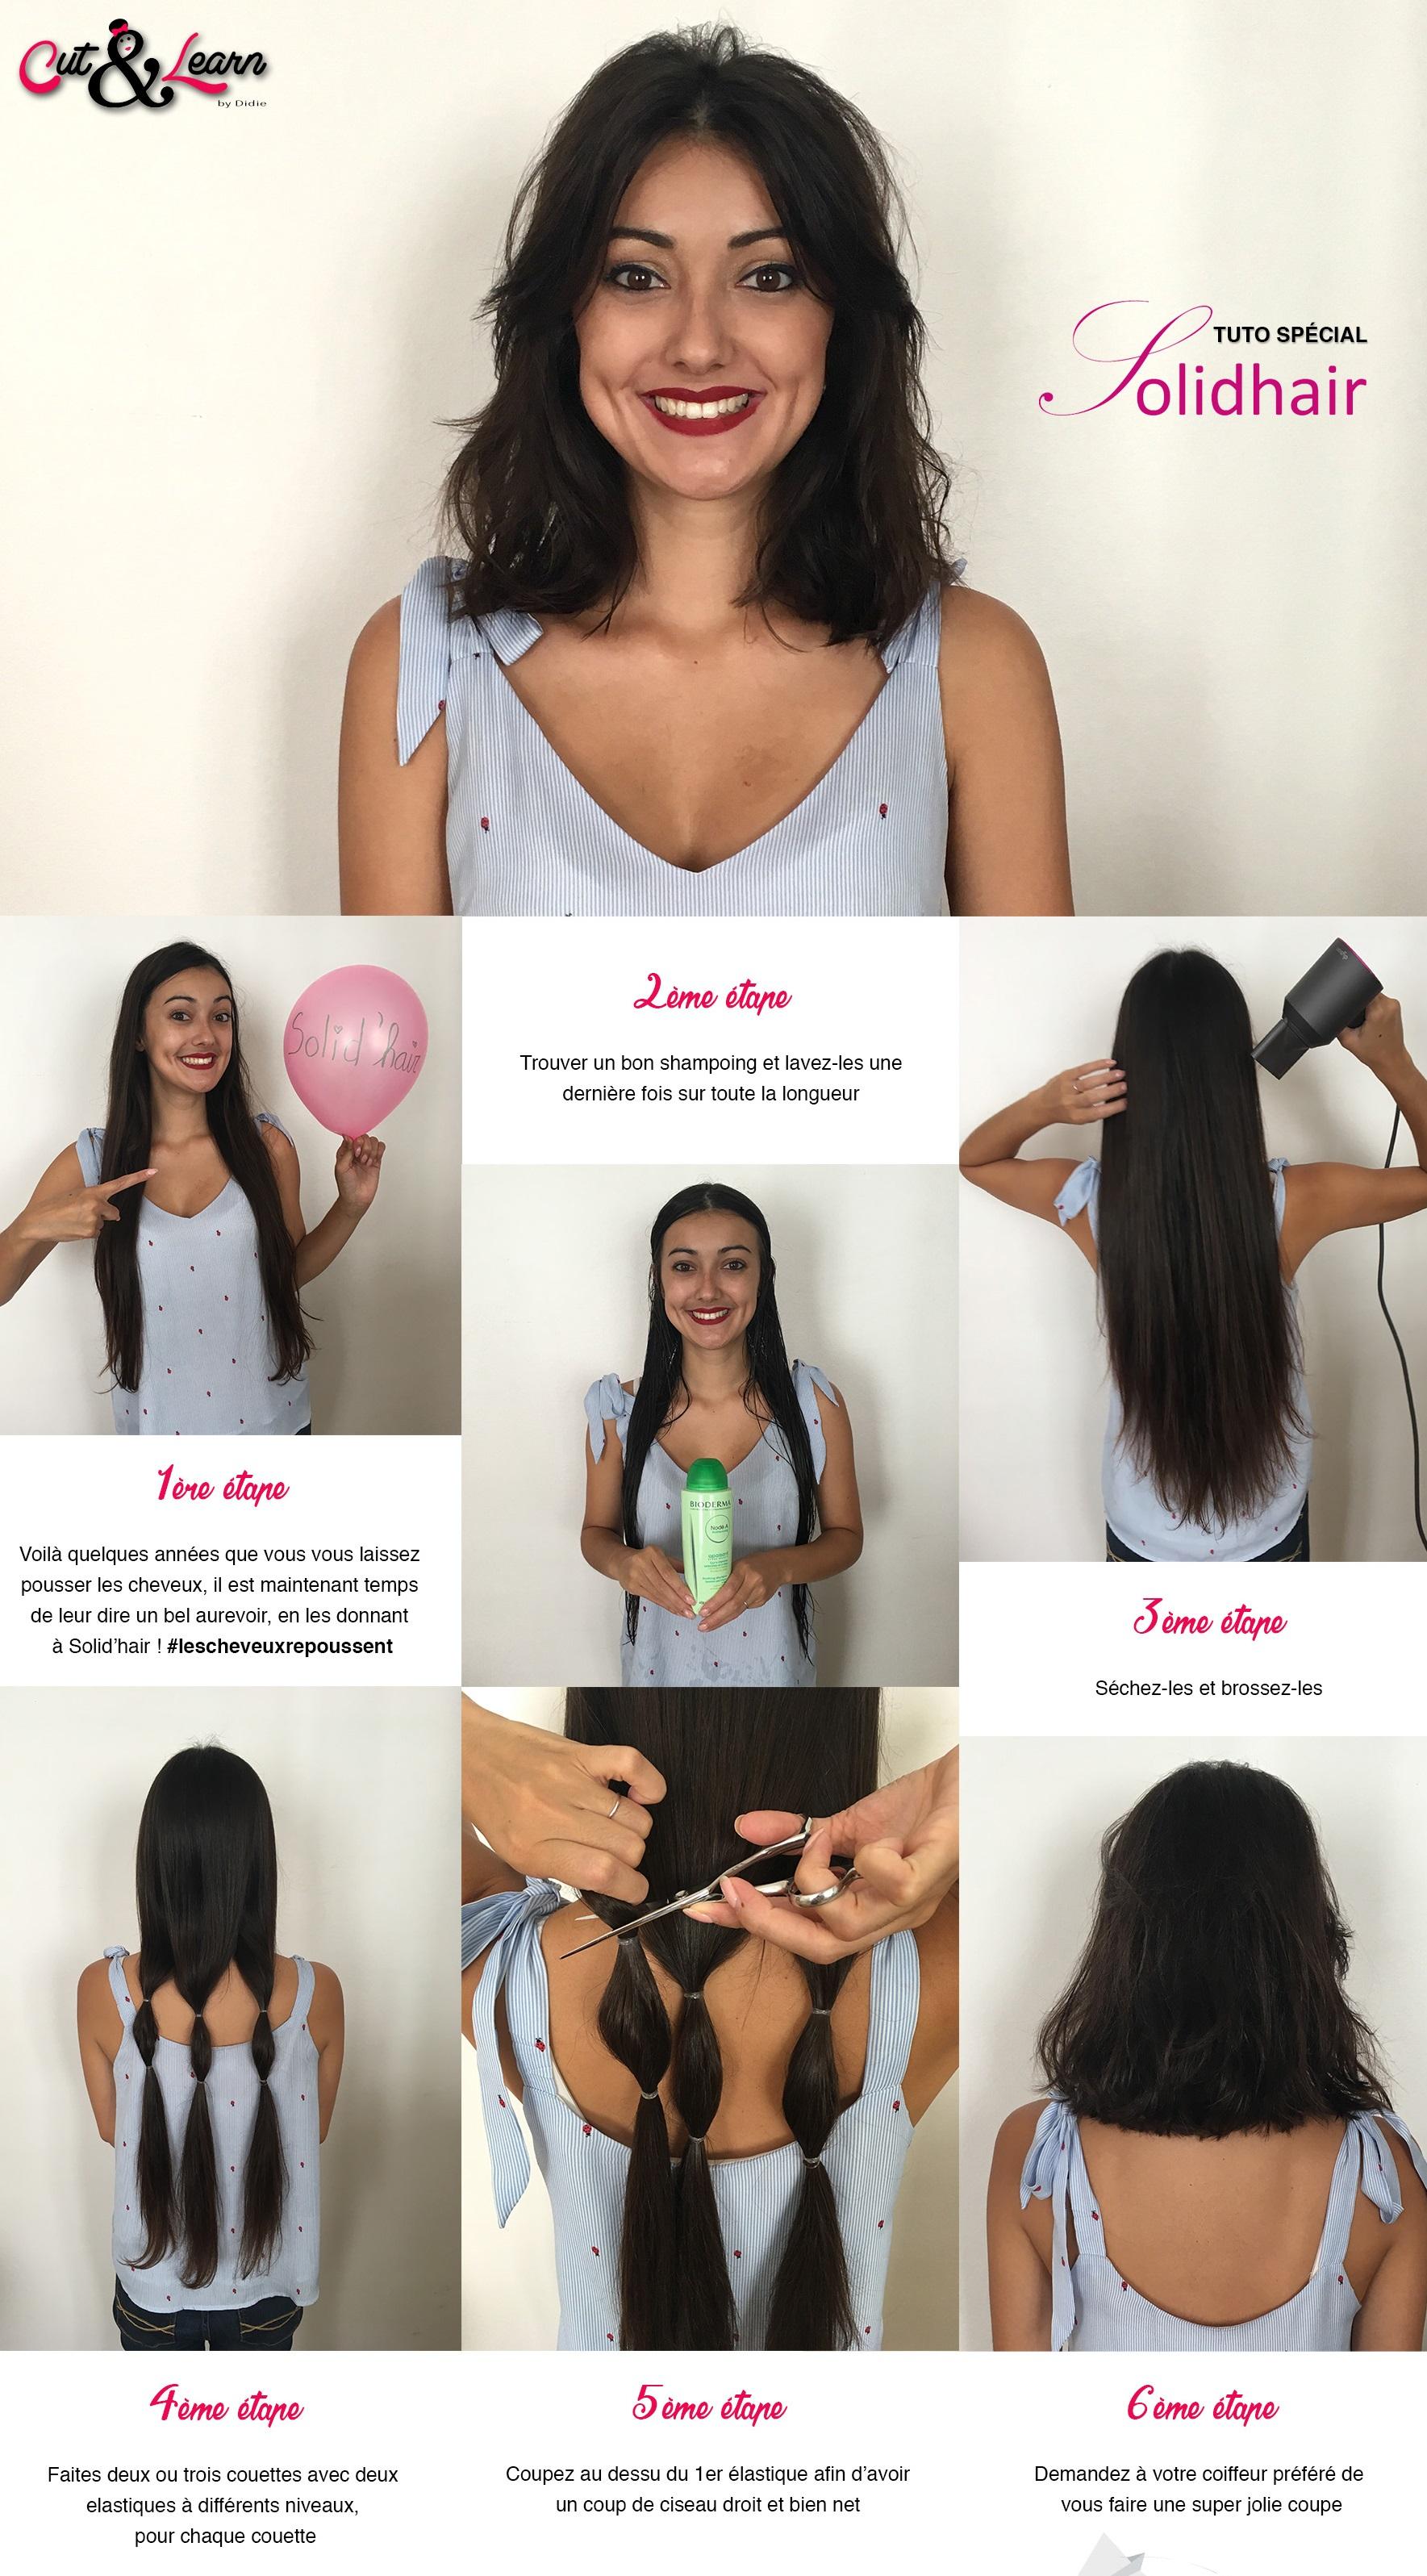 Comment Savoir Si On A Un Don : comment, savoir, Faire, Cheveux, Association, Solidhair